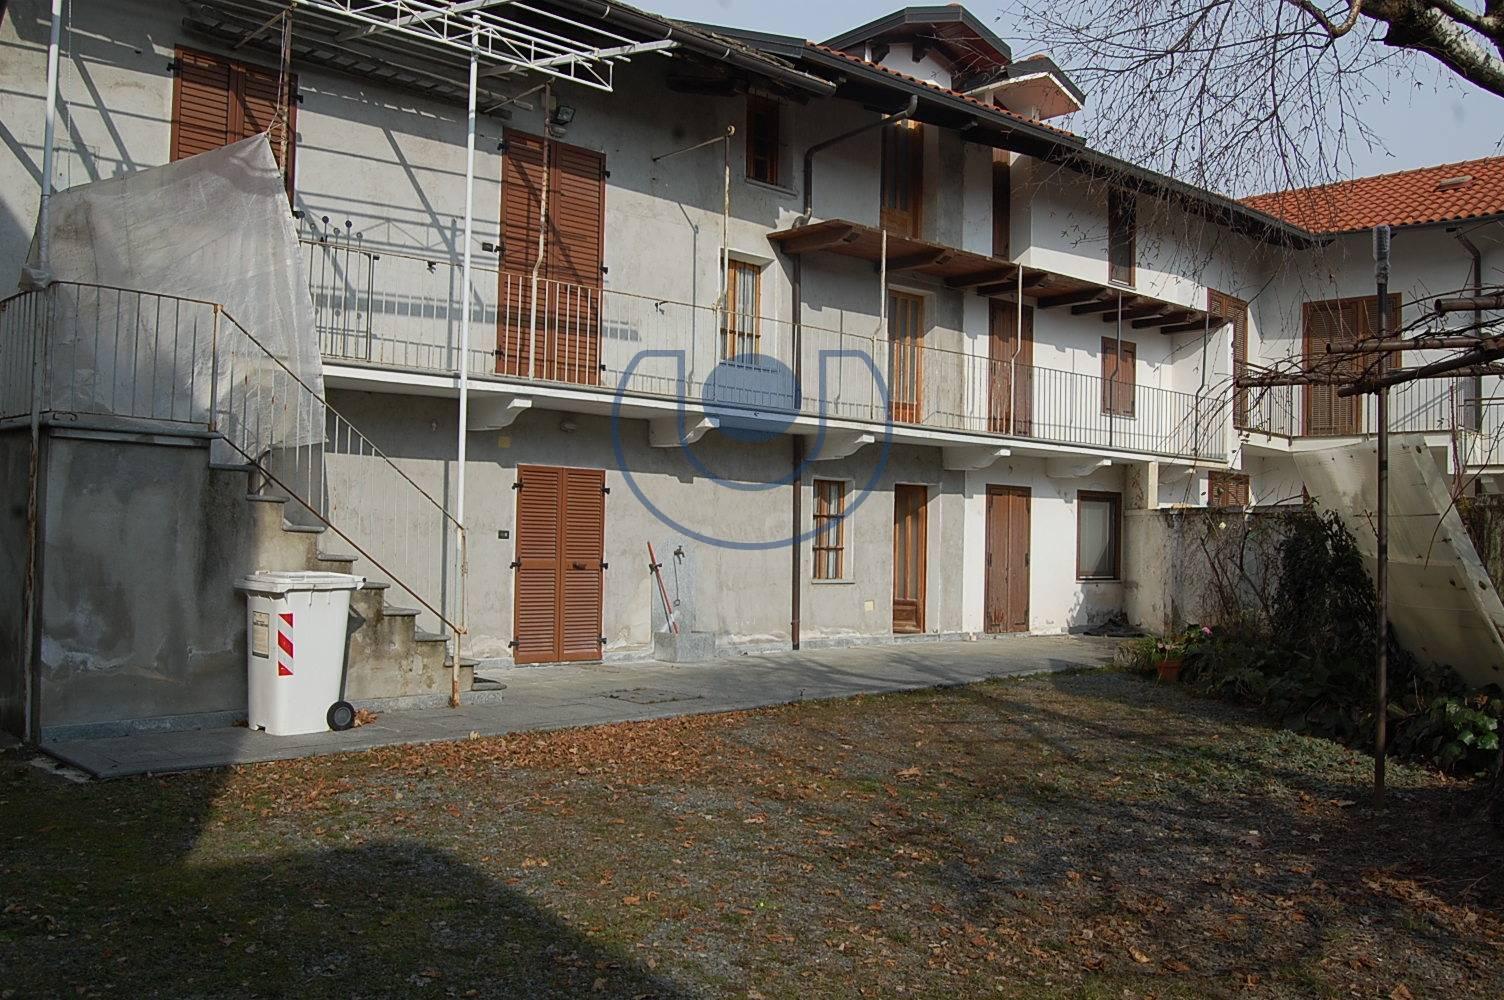 Altro in vendita a Giaveno, 3 locali, zona Località: B.taSelvaggio, prezzo € 48.000 | PortaleAgenzieImmobiliari.it